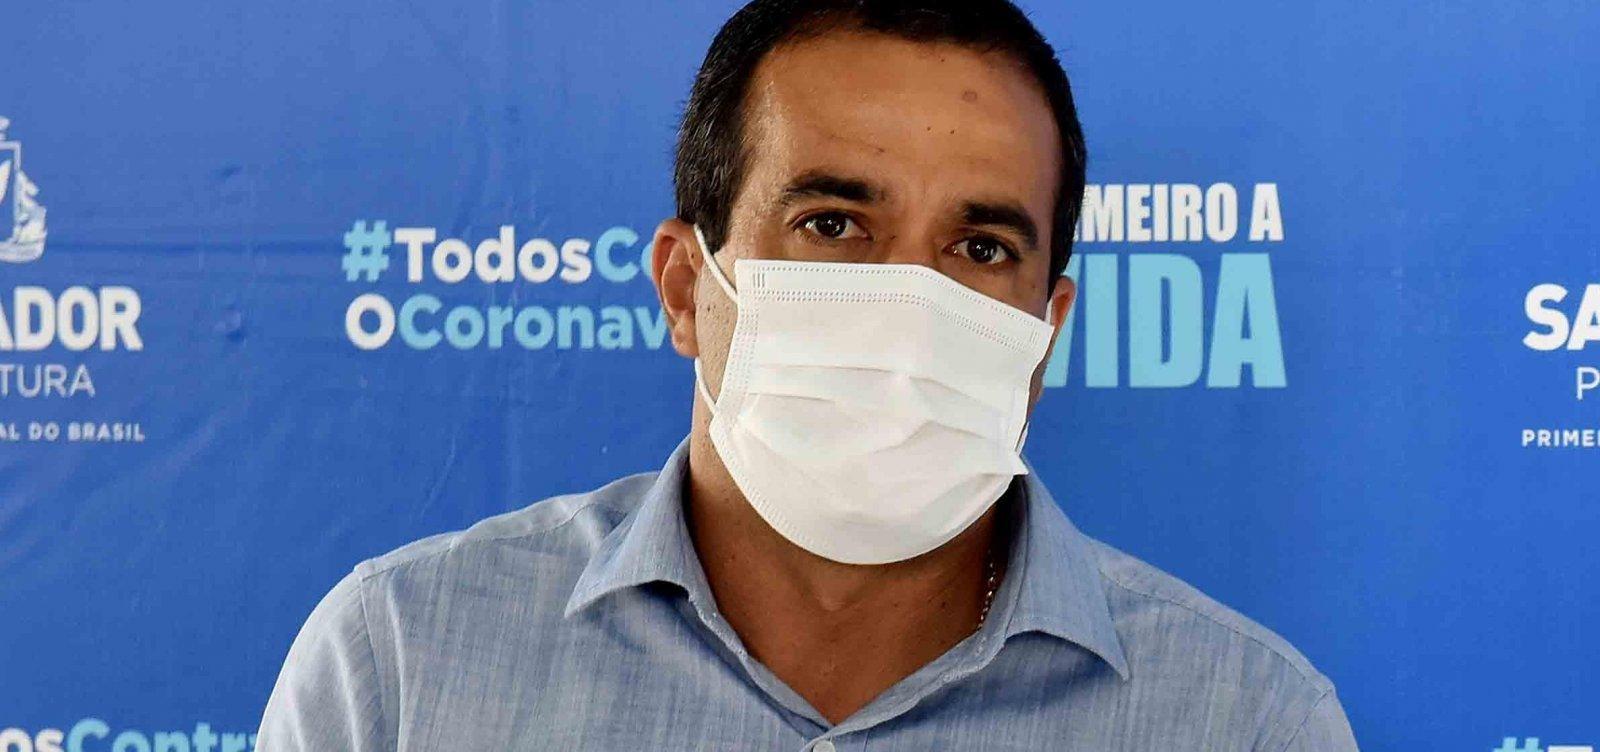 [Covid-19: Bruno Reis reclama de fura filas na vacinação: 'Desgaste']